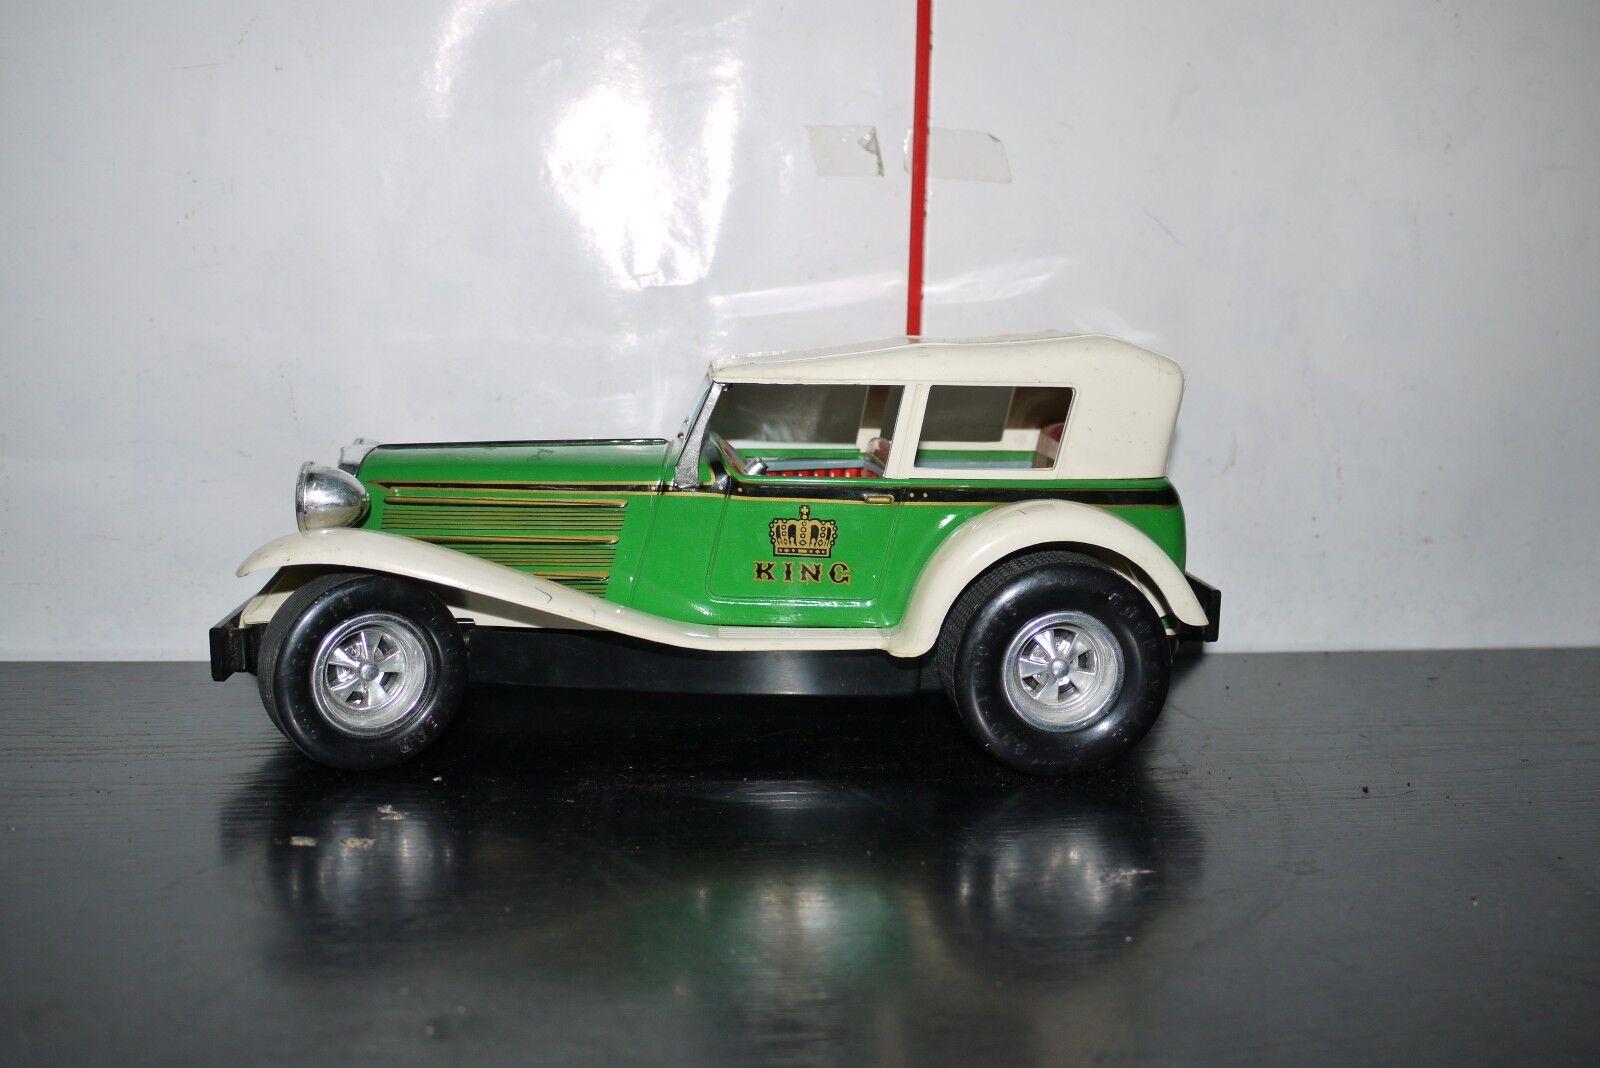 VINTAGE Taiyo E.C:U.S.A Car 1931 Speed Series 1:18 Tin Car E.C:U.S.A 1c0b44